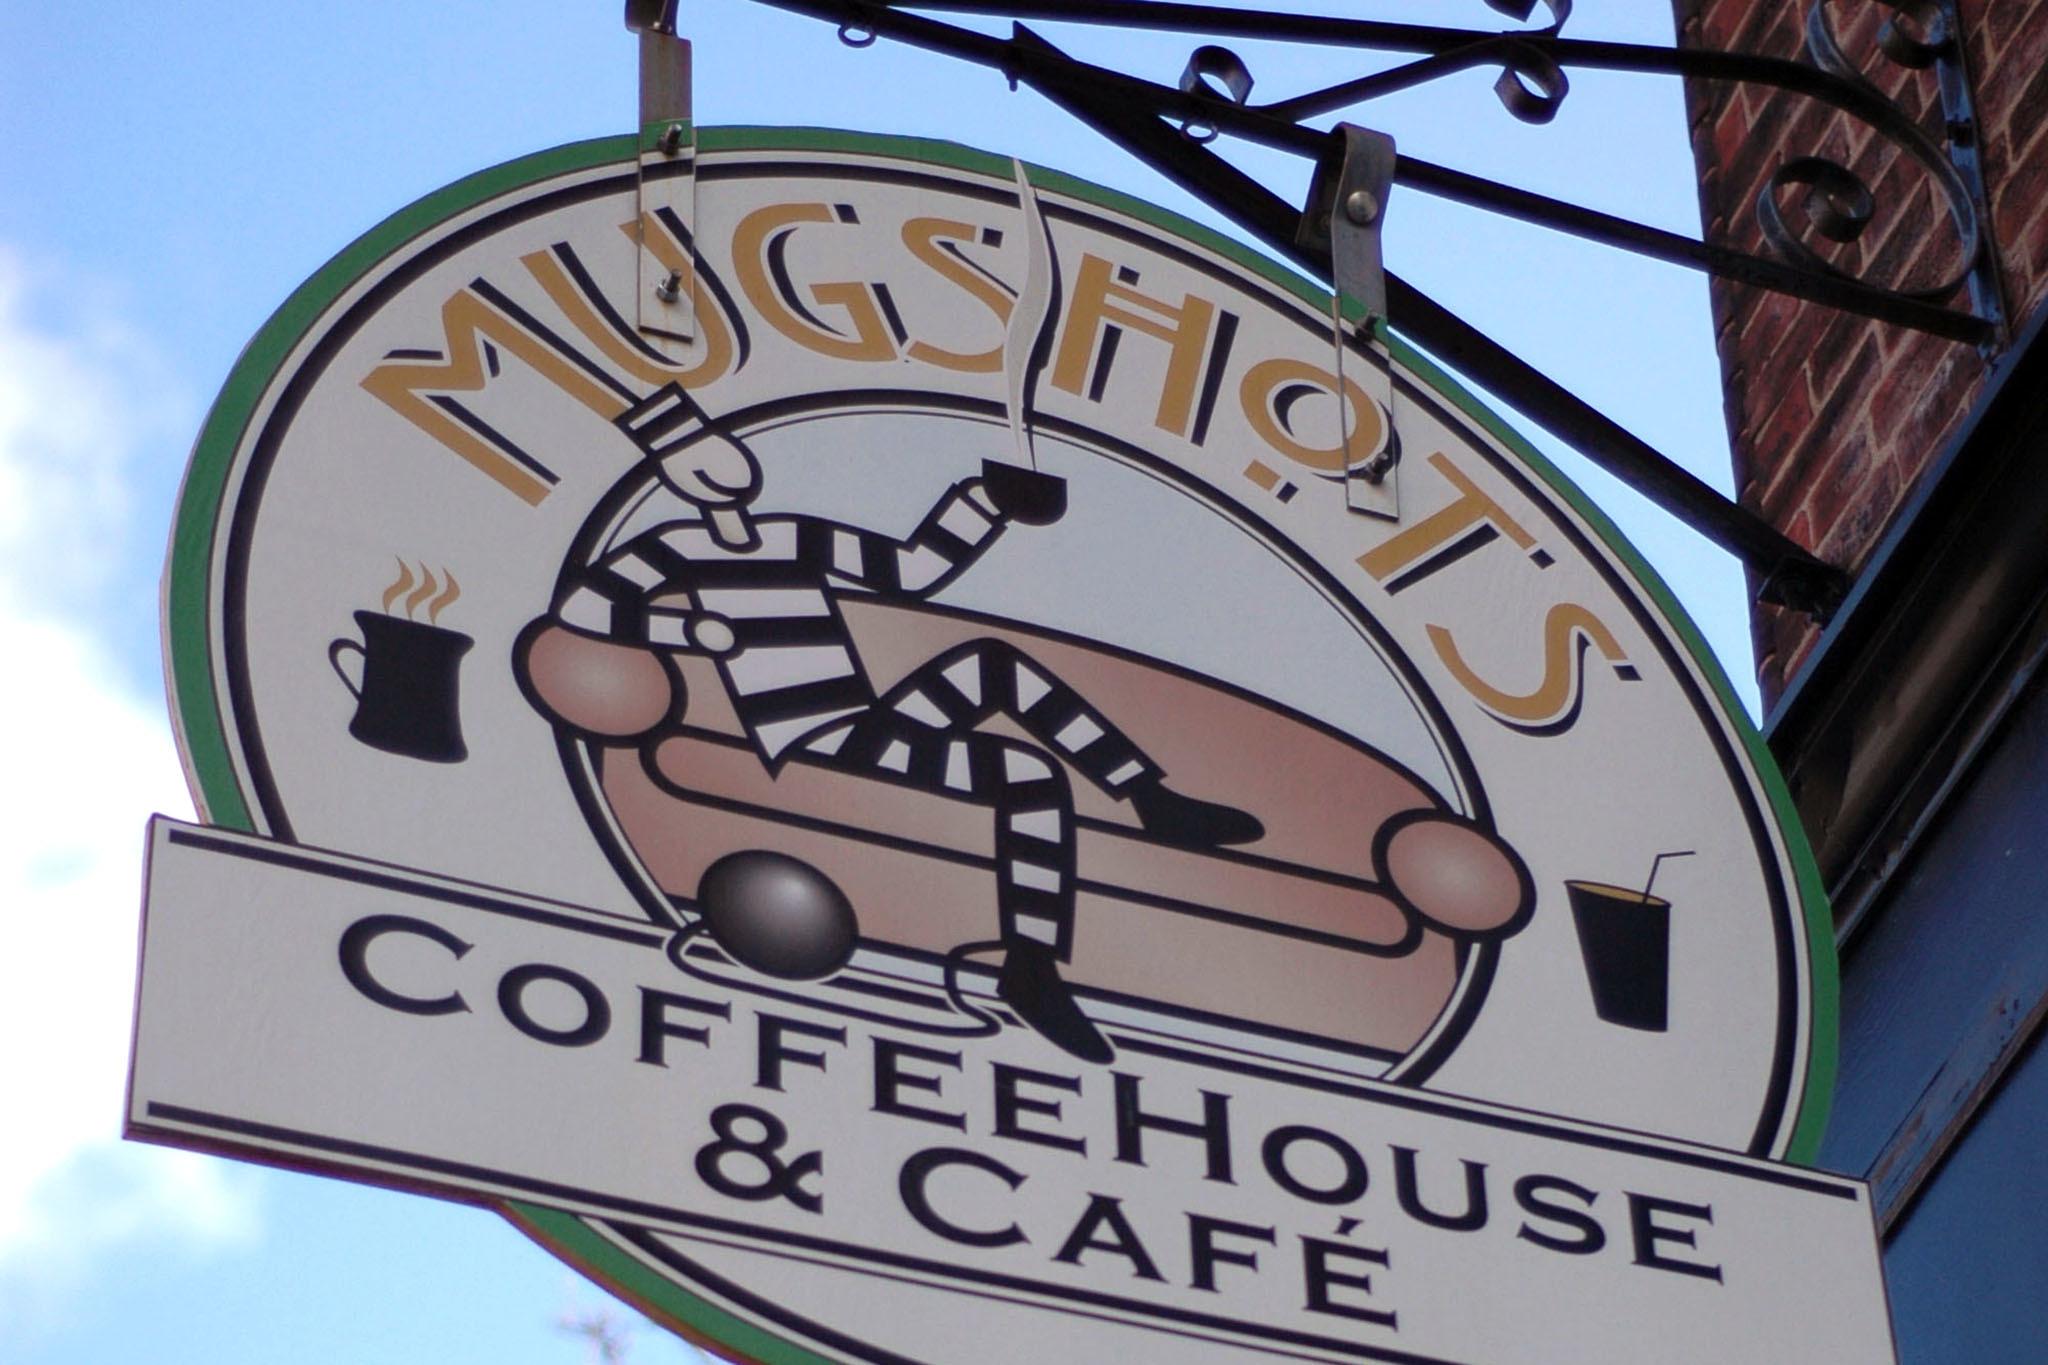 Mugshots Coffeehouse